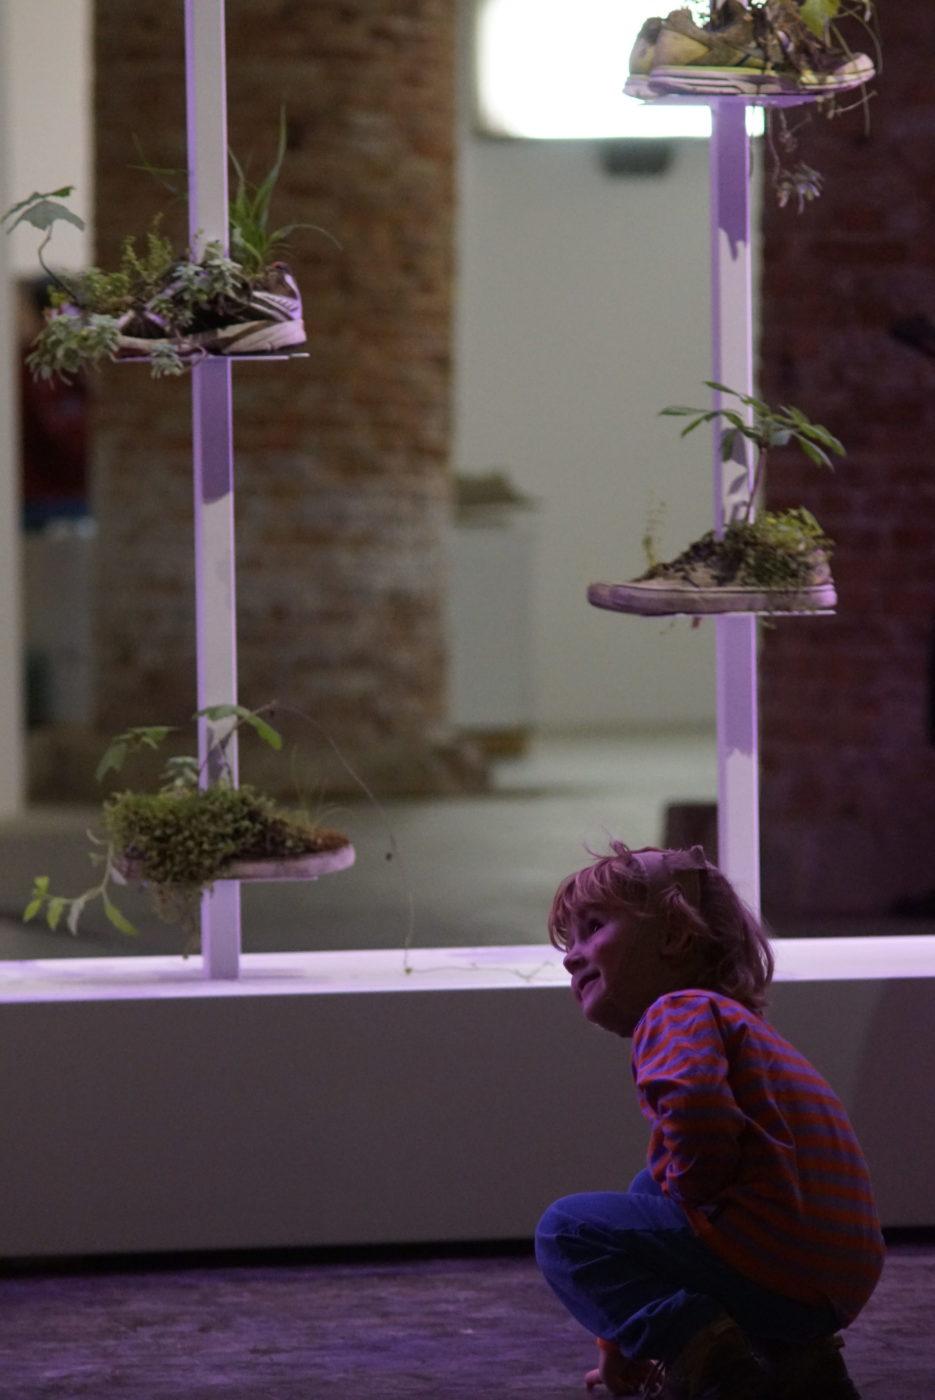 Luk sitzt in der Hocke und betrachte von unten vier Turnschuhe die an zwei einsen Stangen befestigt sind und aus denen Moos und andere Pflanzen wachsen